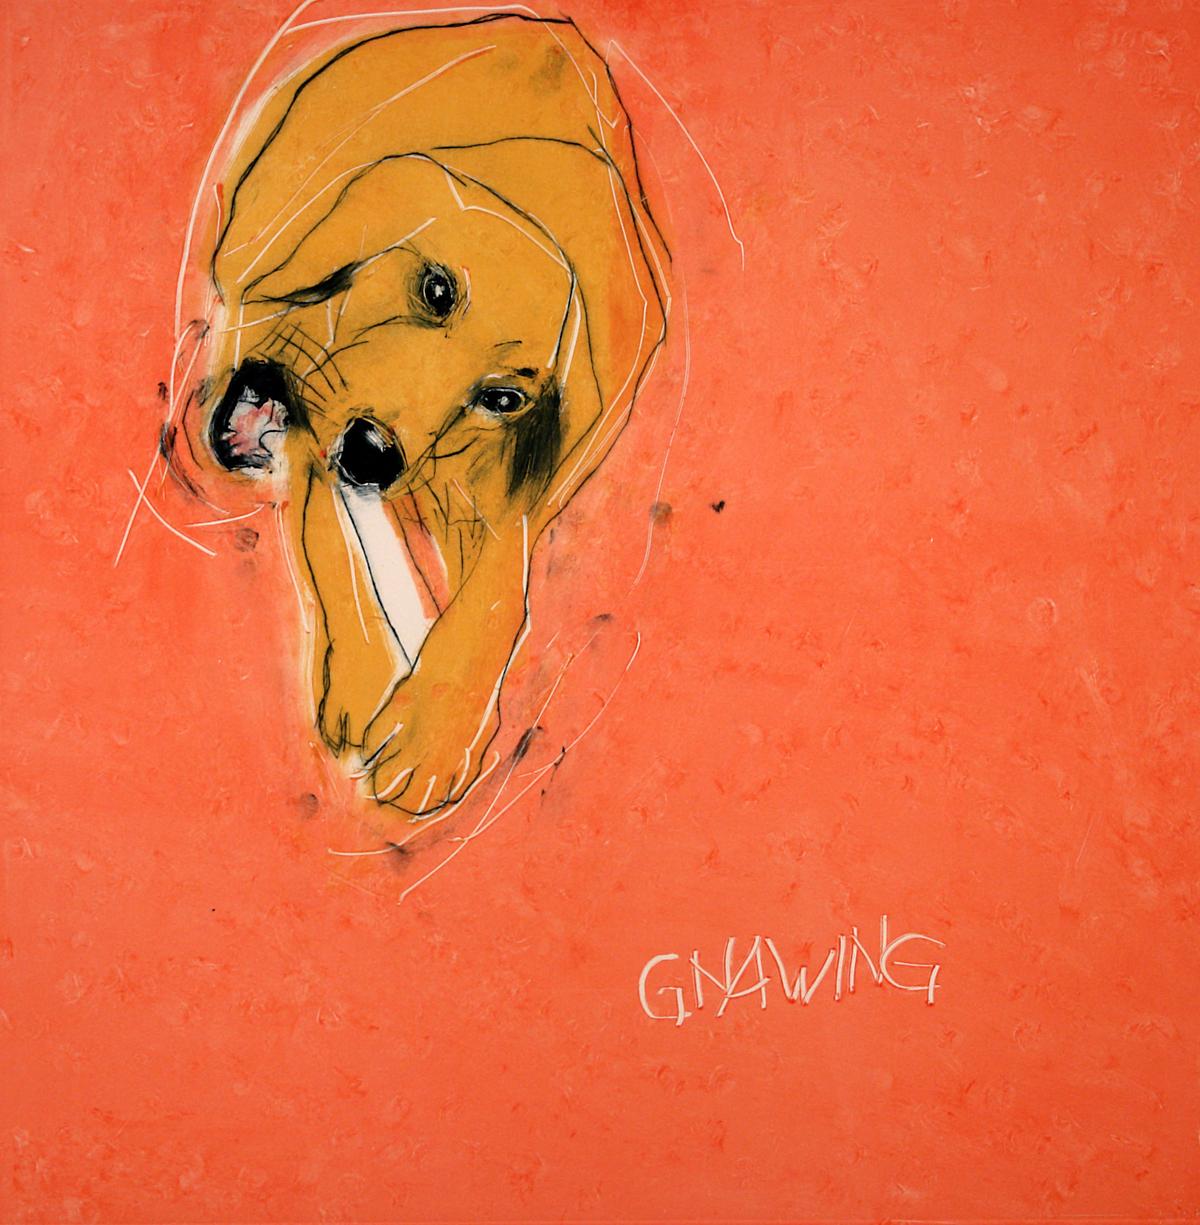 Paula Schuette Kraemer - Gnawing II, 7/15